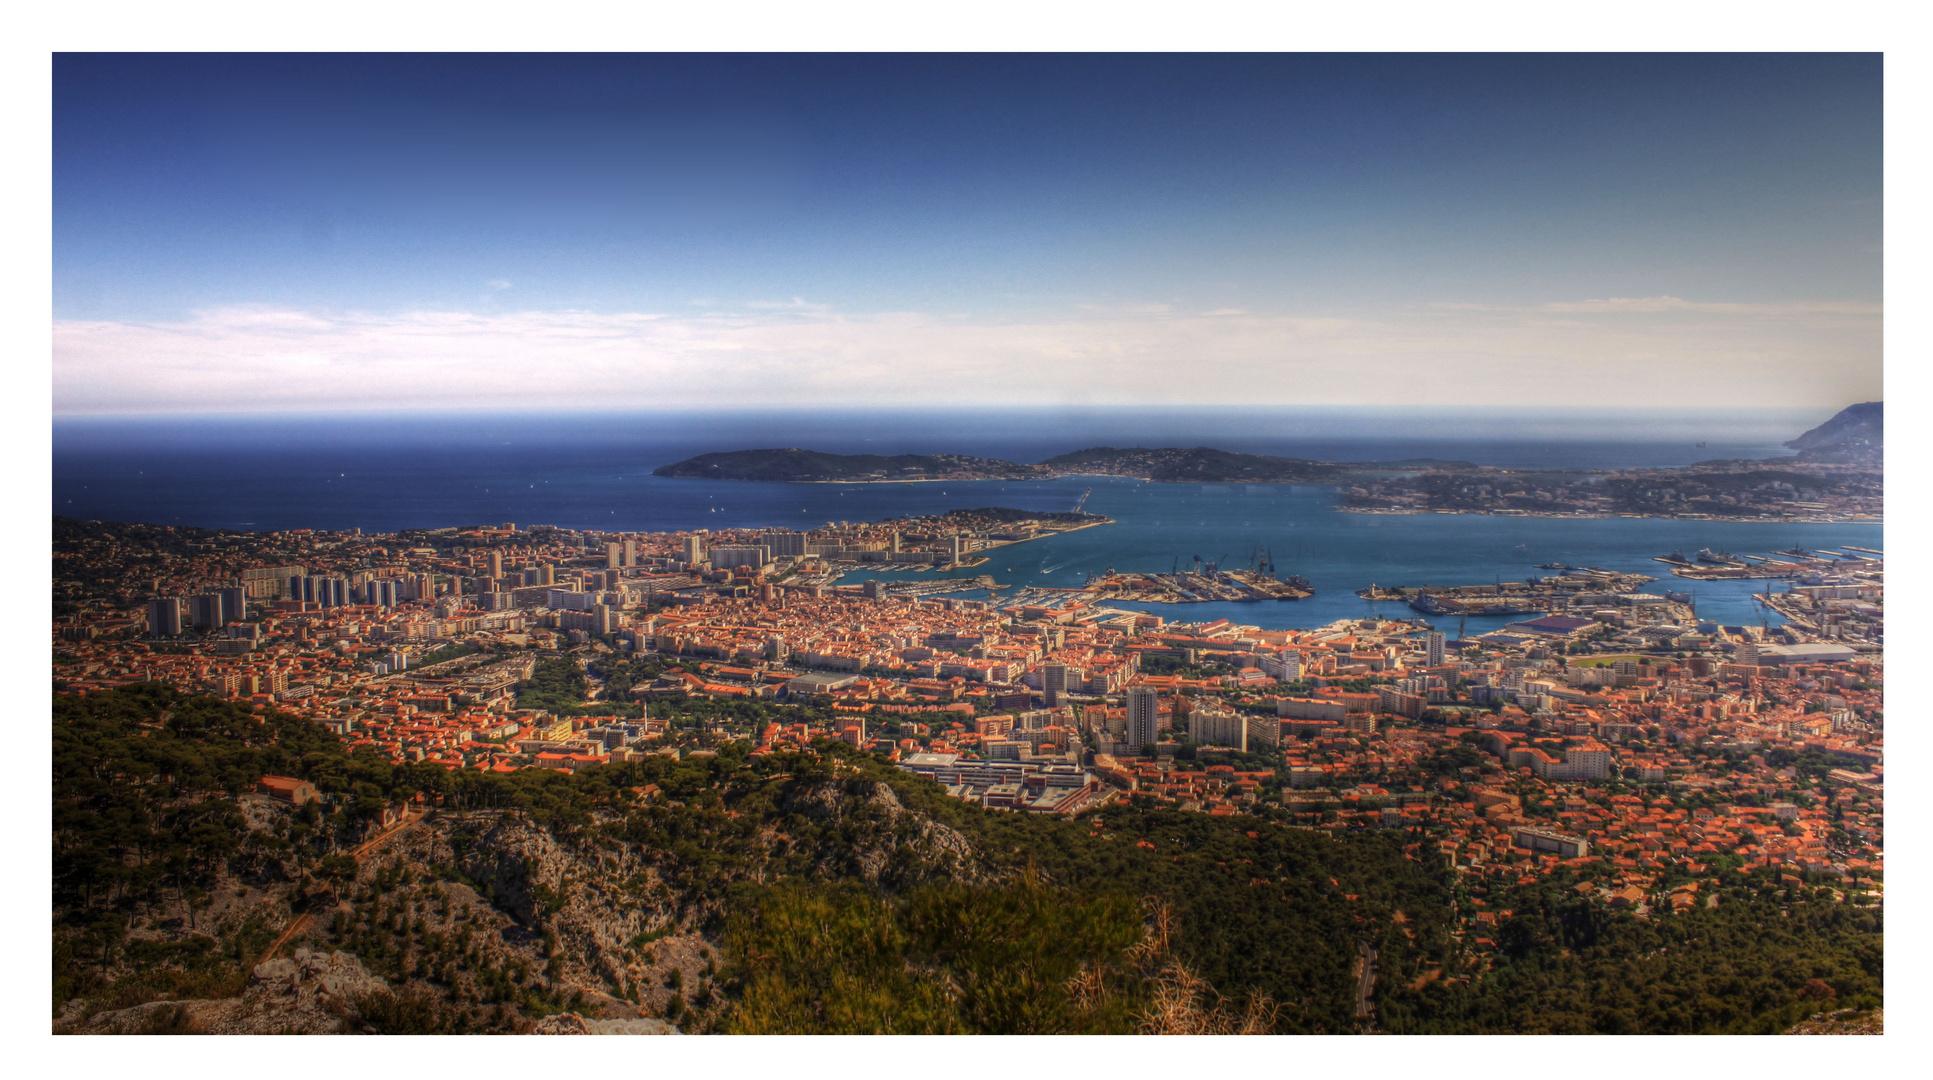 Bienvenue à Toulon, entre Mer et montagne